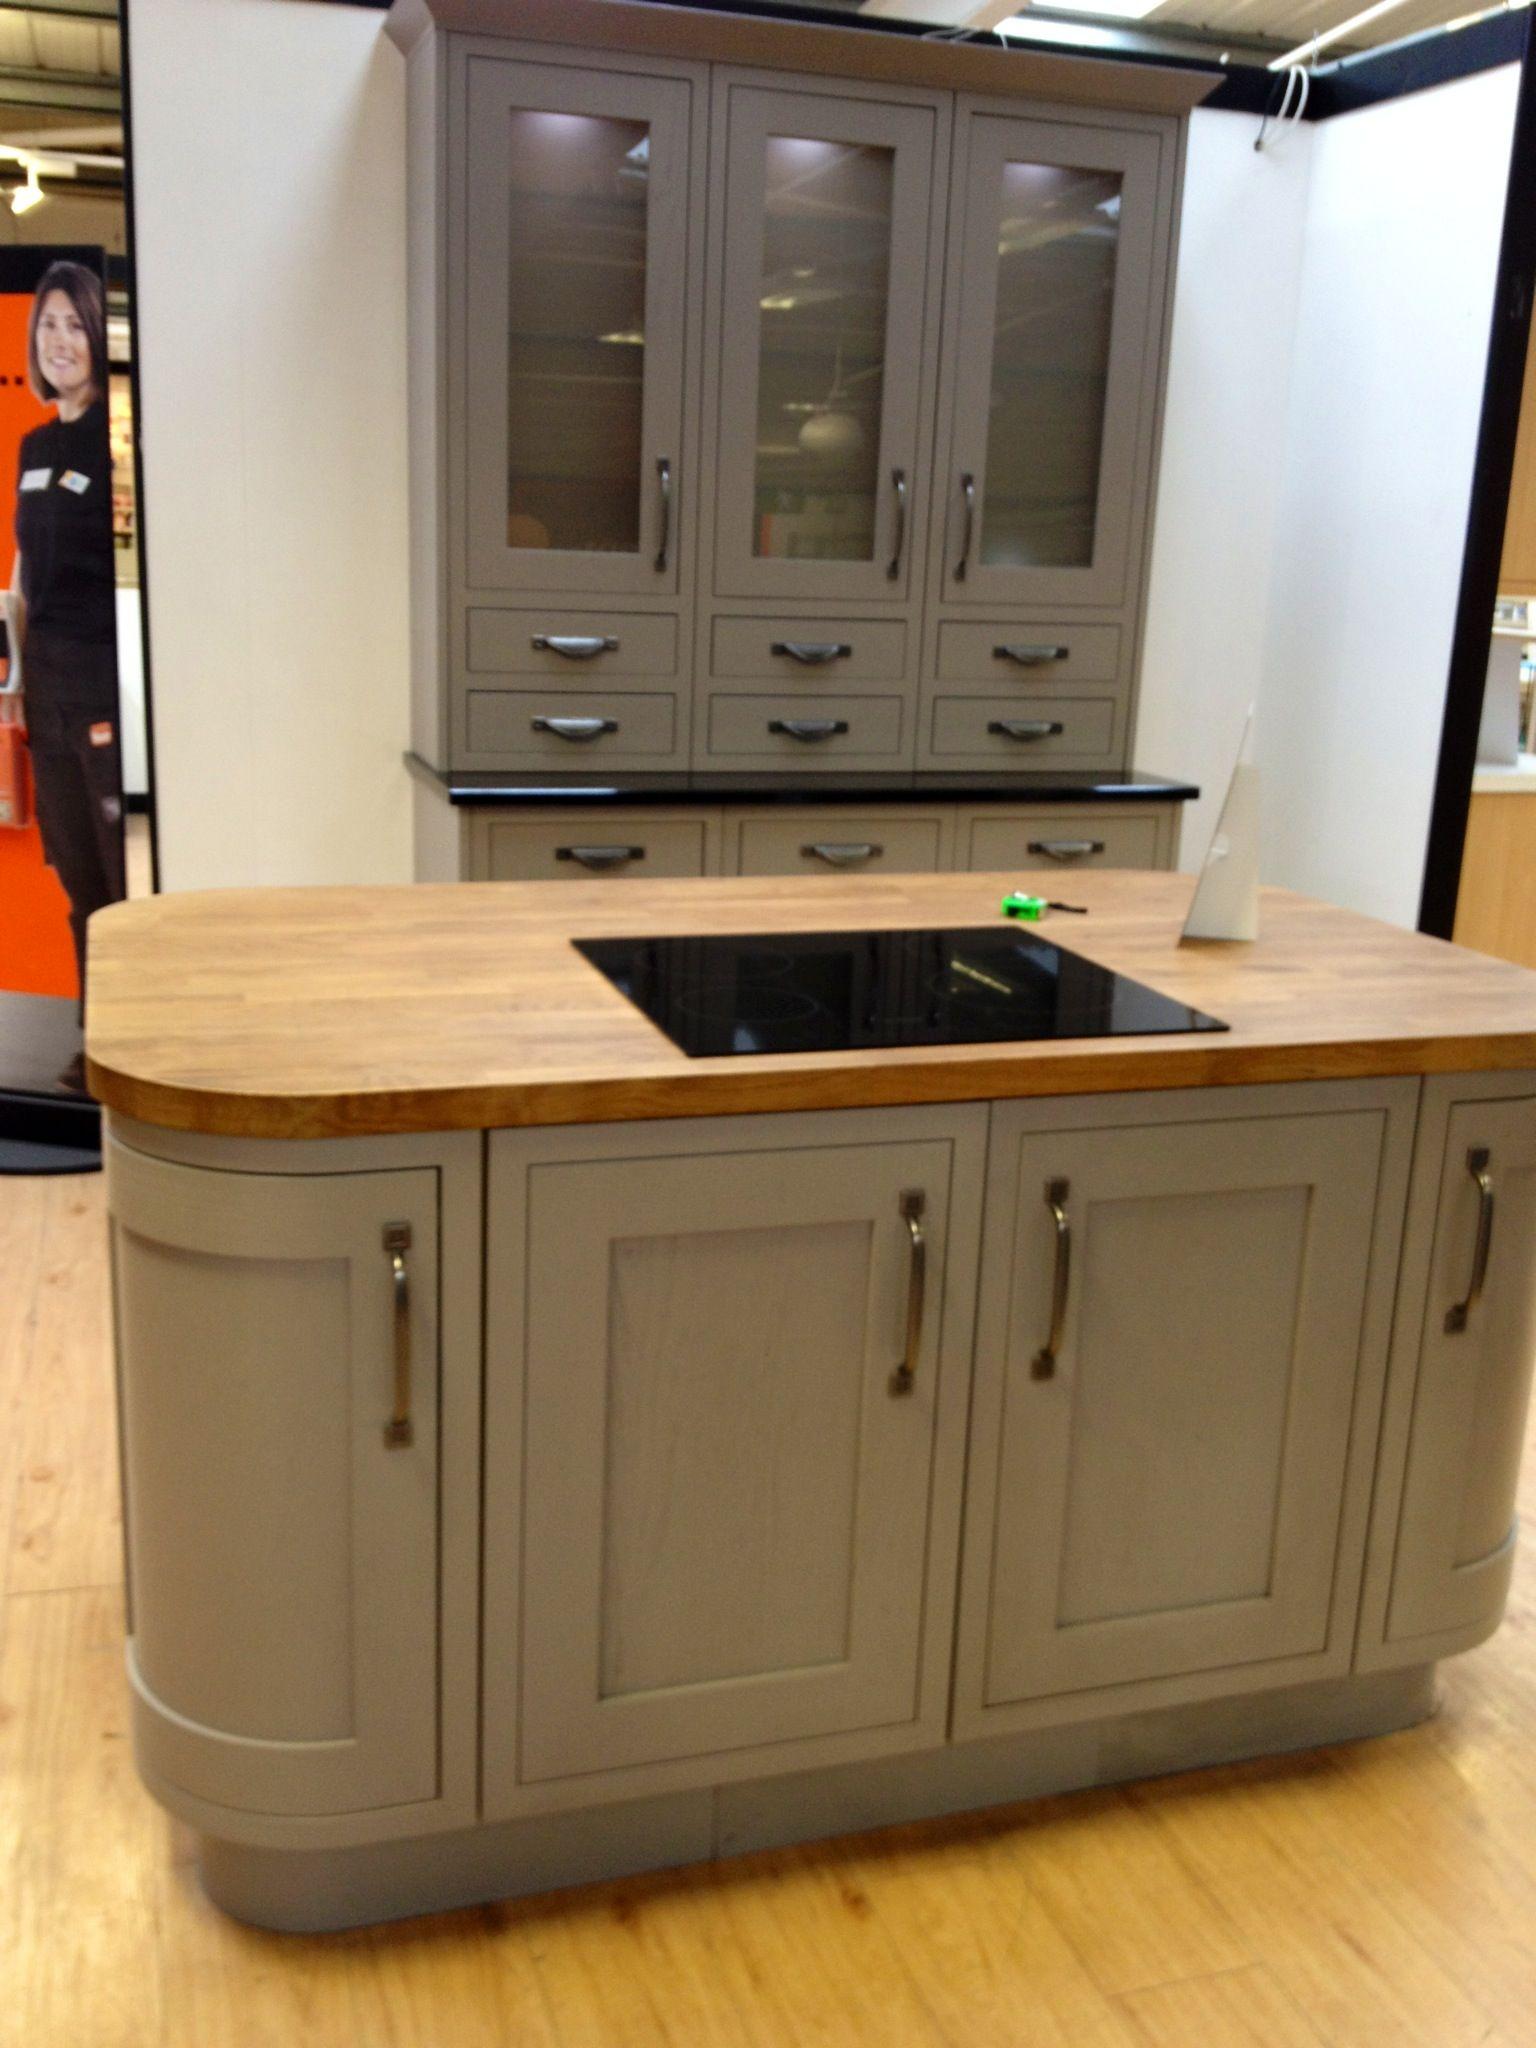 B&Q kitchen that I love! Home ideas Kitchen ideas new